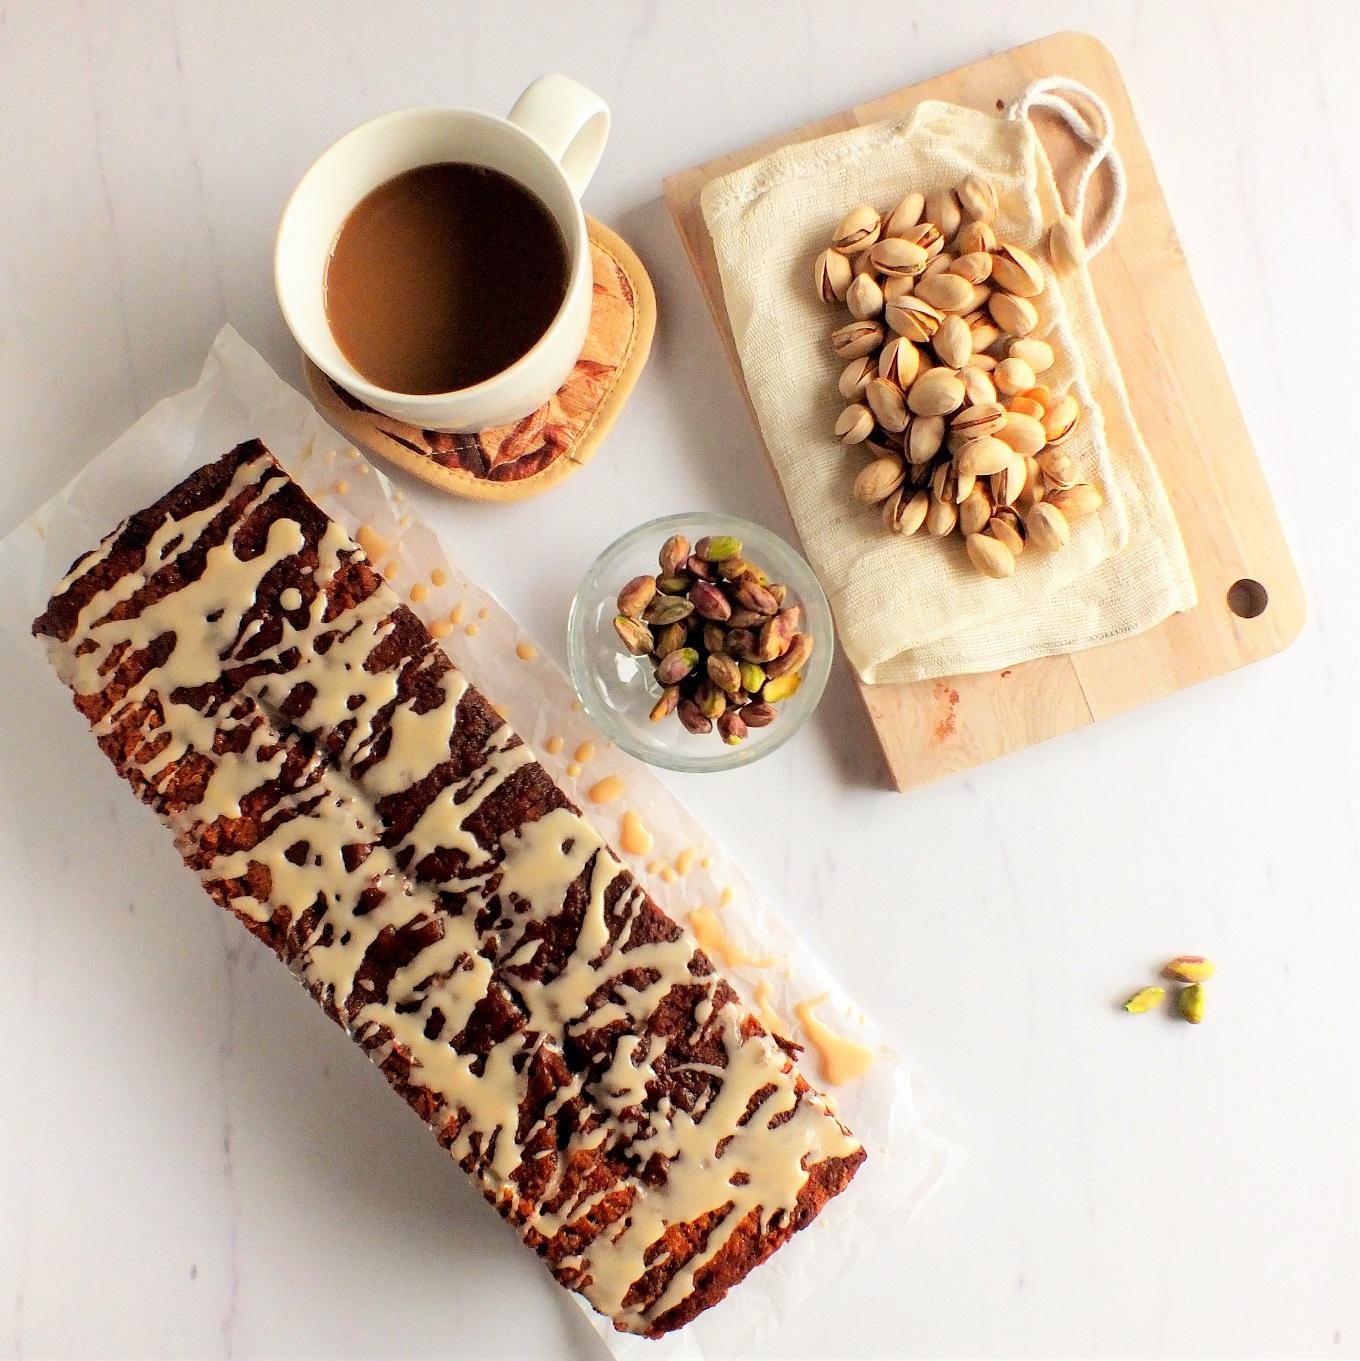 Cardamom Cake with Coffee Glaze Cardamom Cake with Coffee Glaze new foto